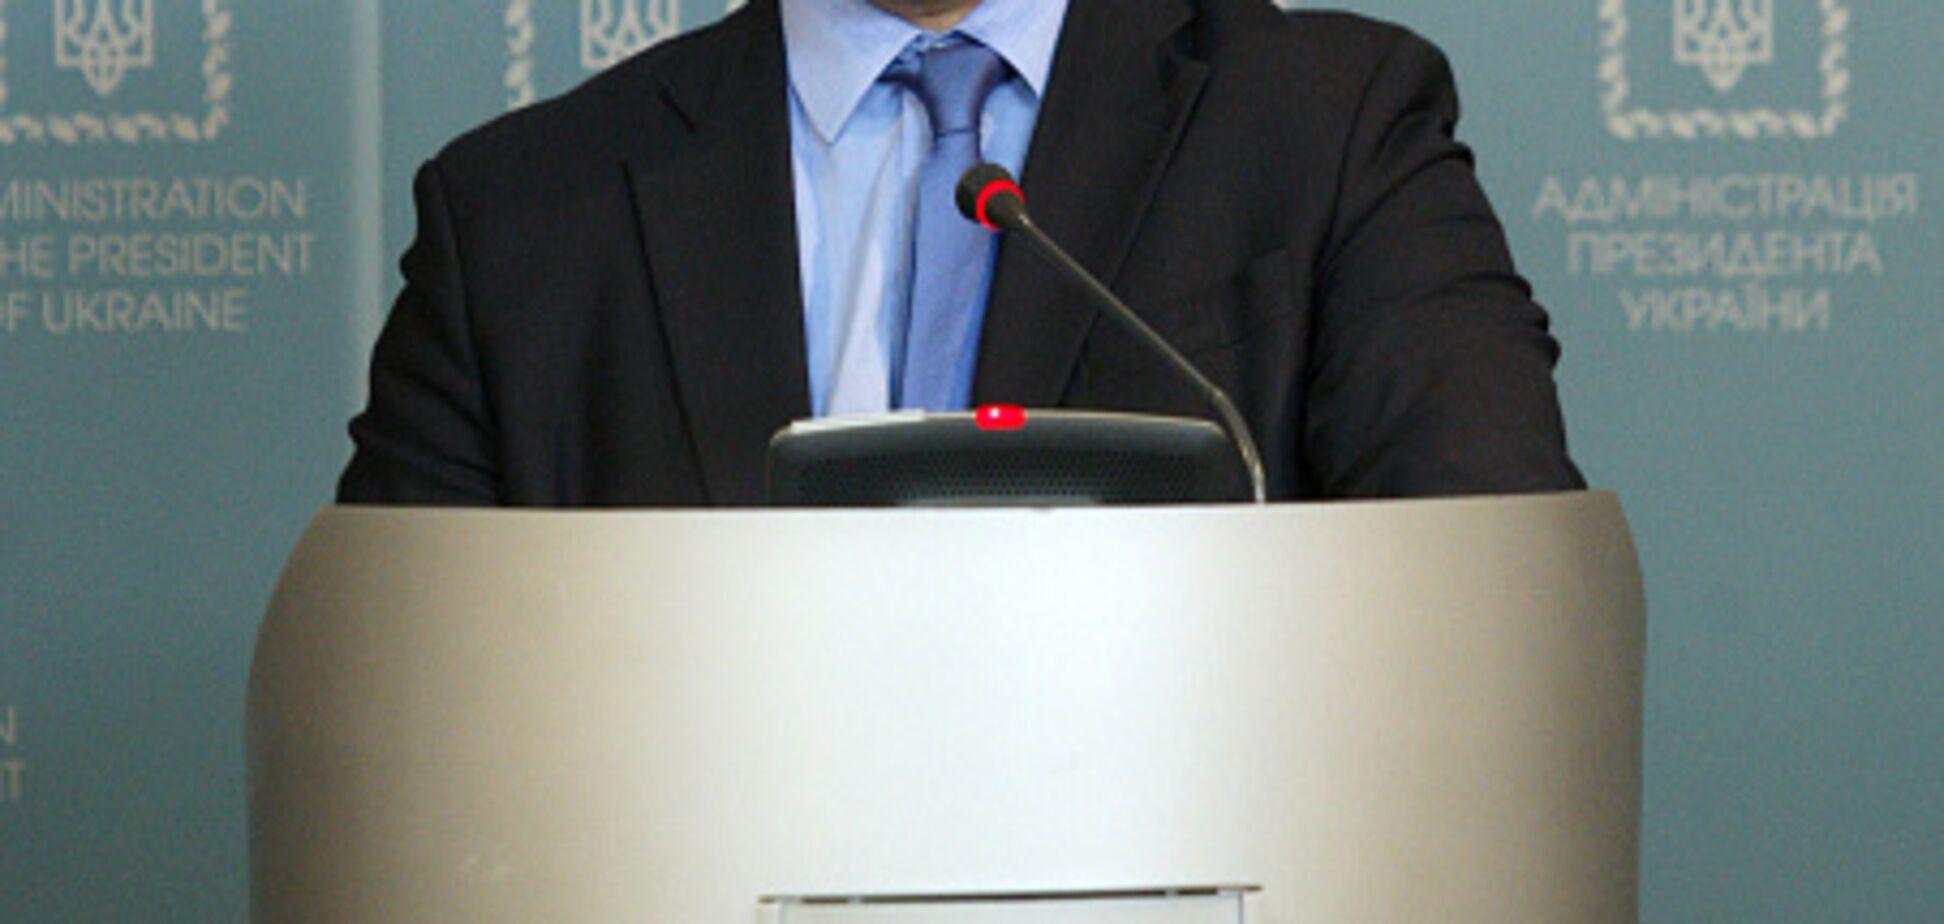 Климкин пригрозил санкциями всем привлеченным к выборам РФ в Крыму